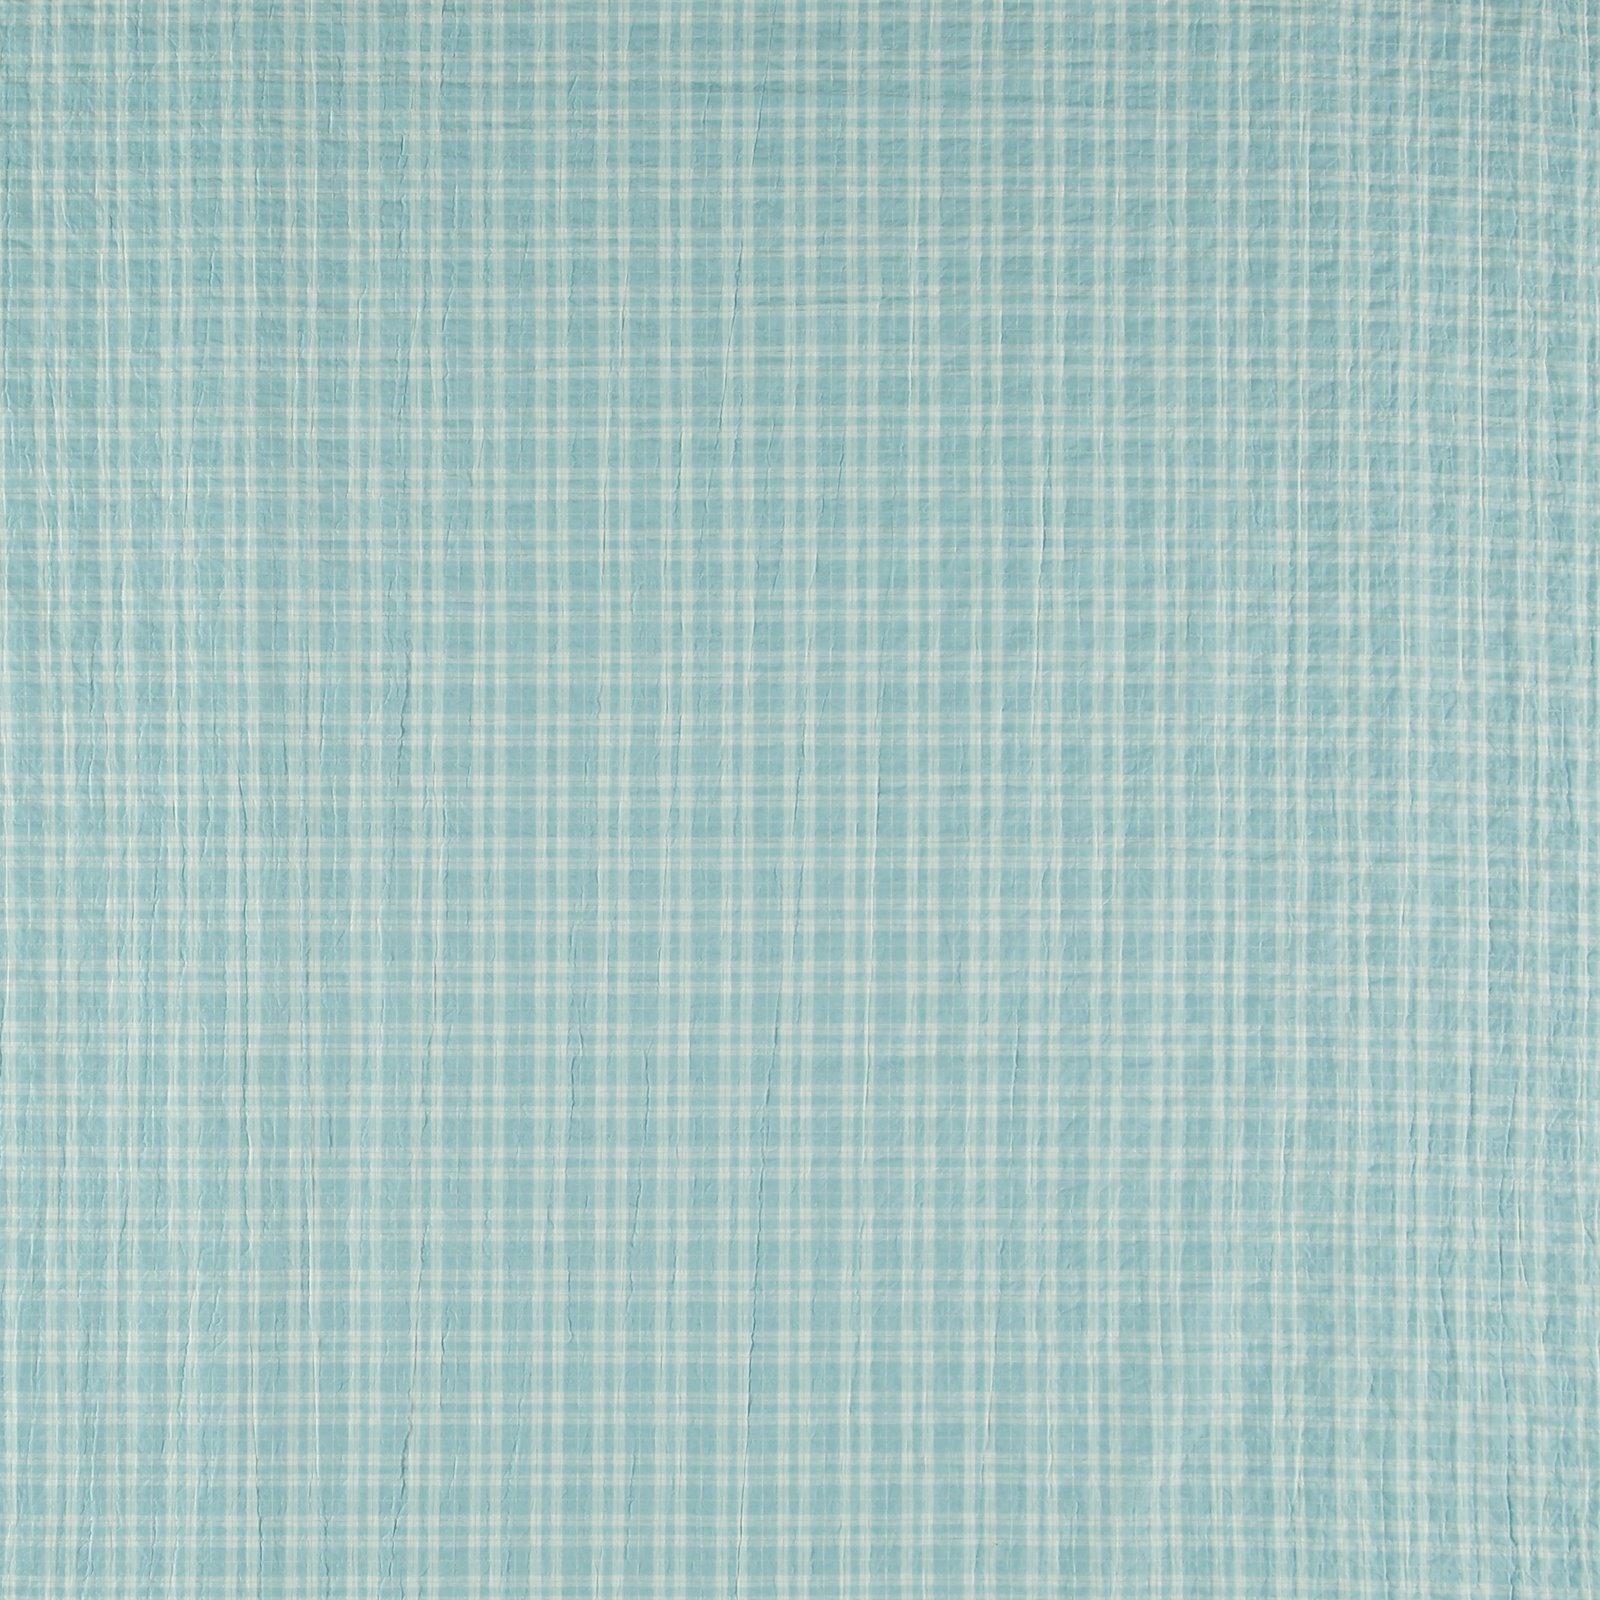 Seersucker baby blue YD check 510965_pack_sp